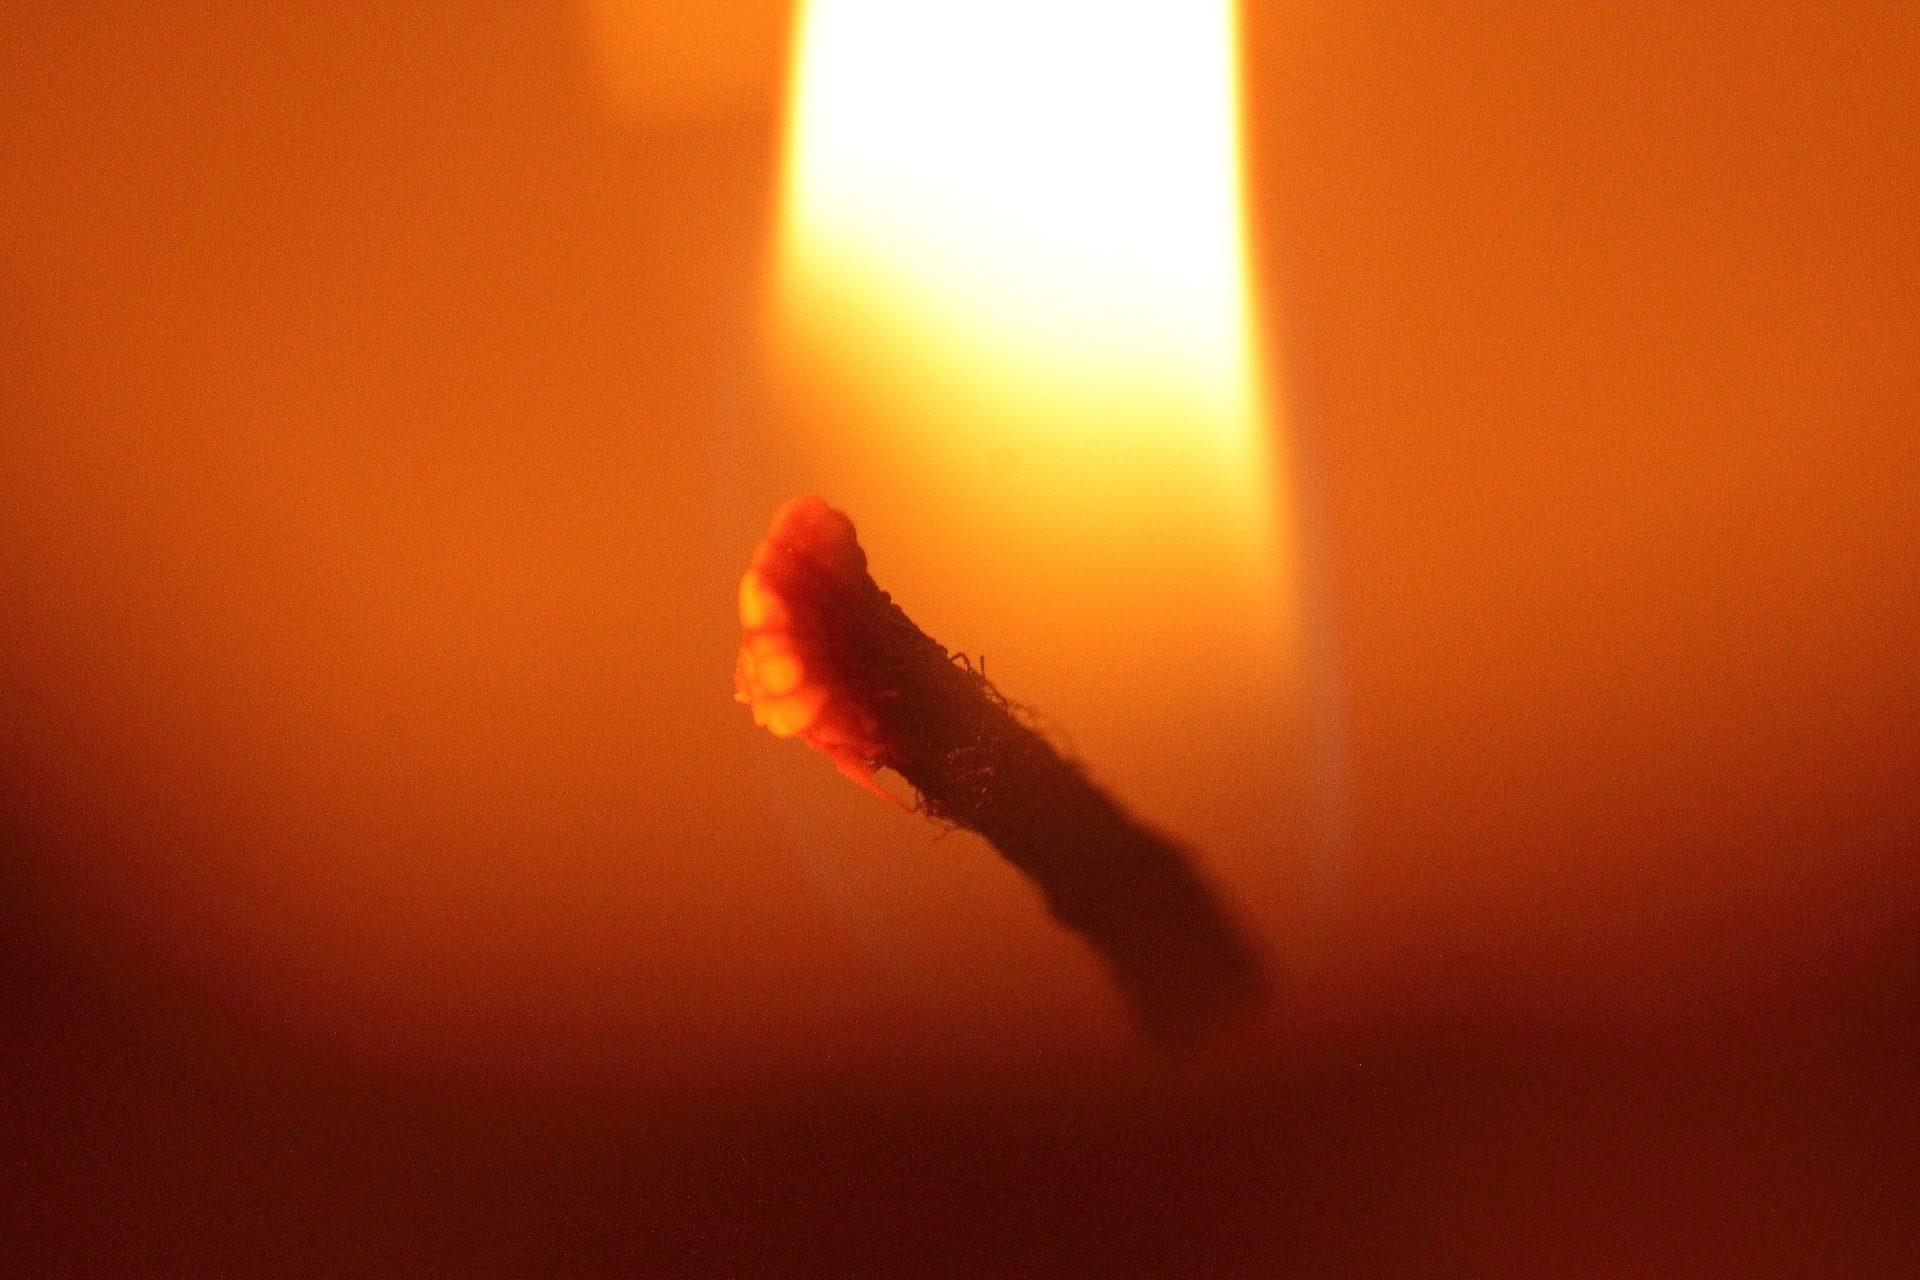 называется, Свеча, огонь, Вика, свет, жара - Обои HD - Профессор falken.com